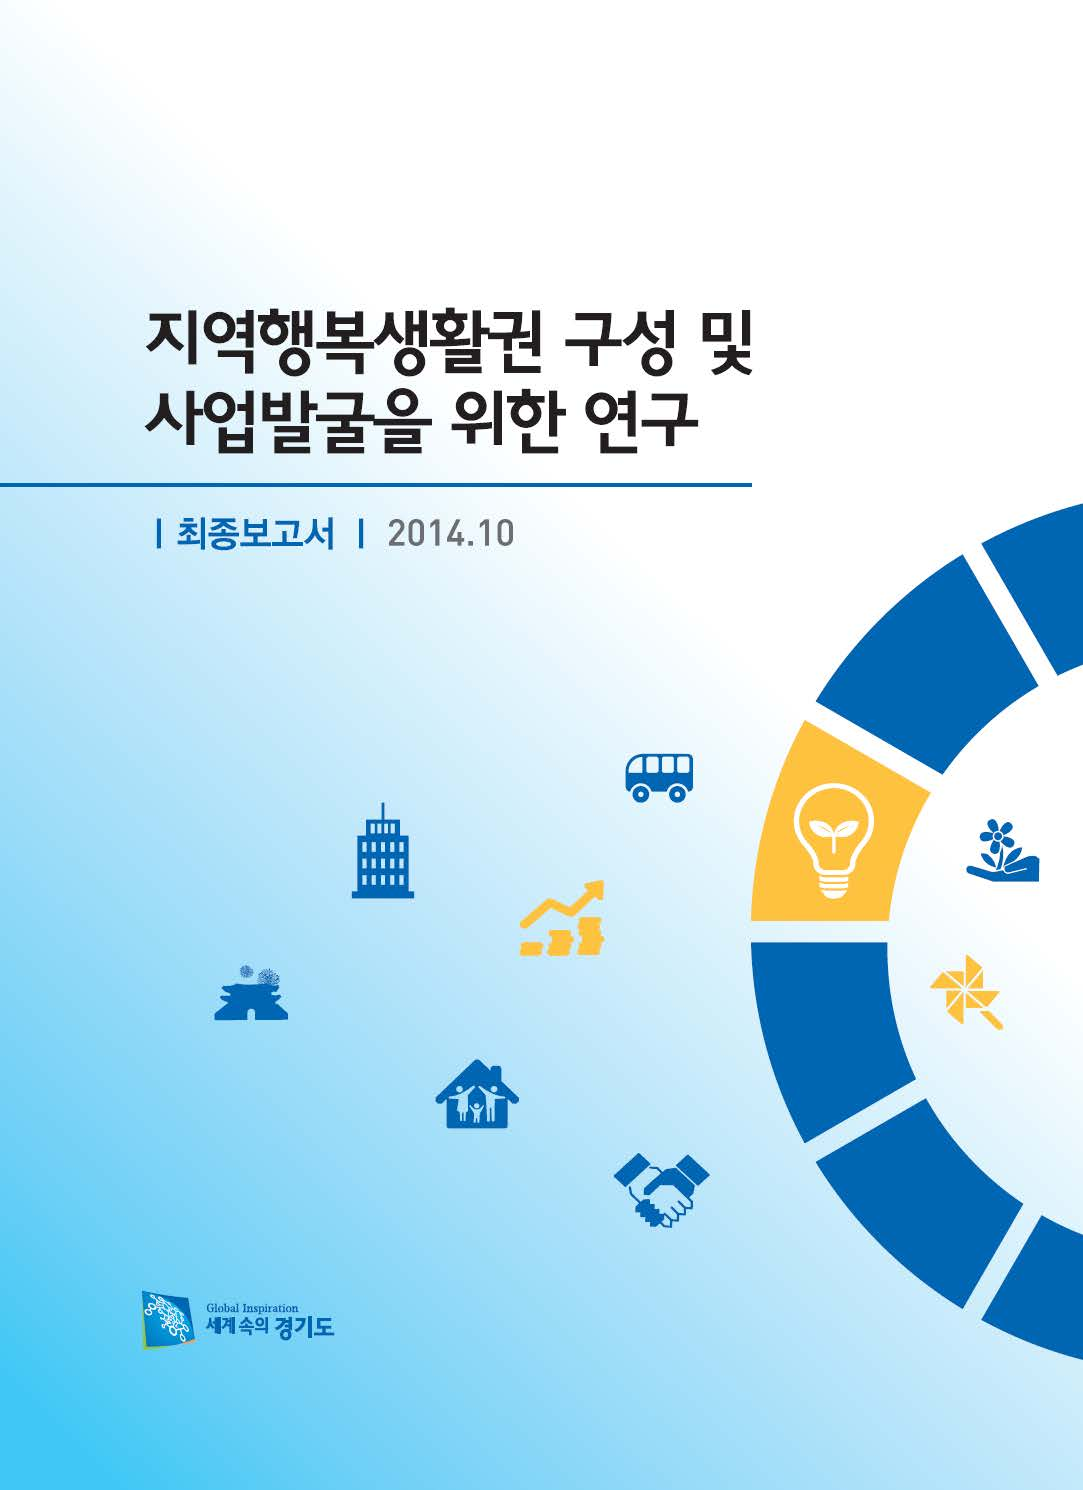 지역행복생활권 구성 및 사업발굴을 위한 연구